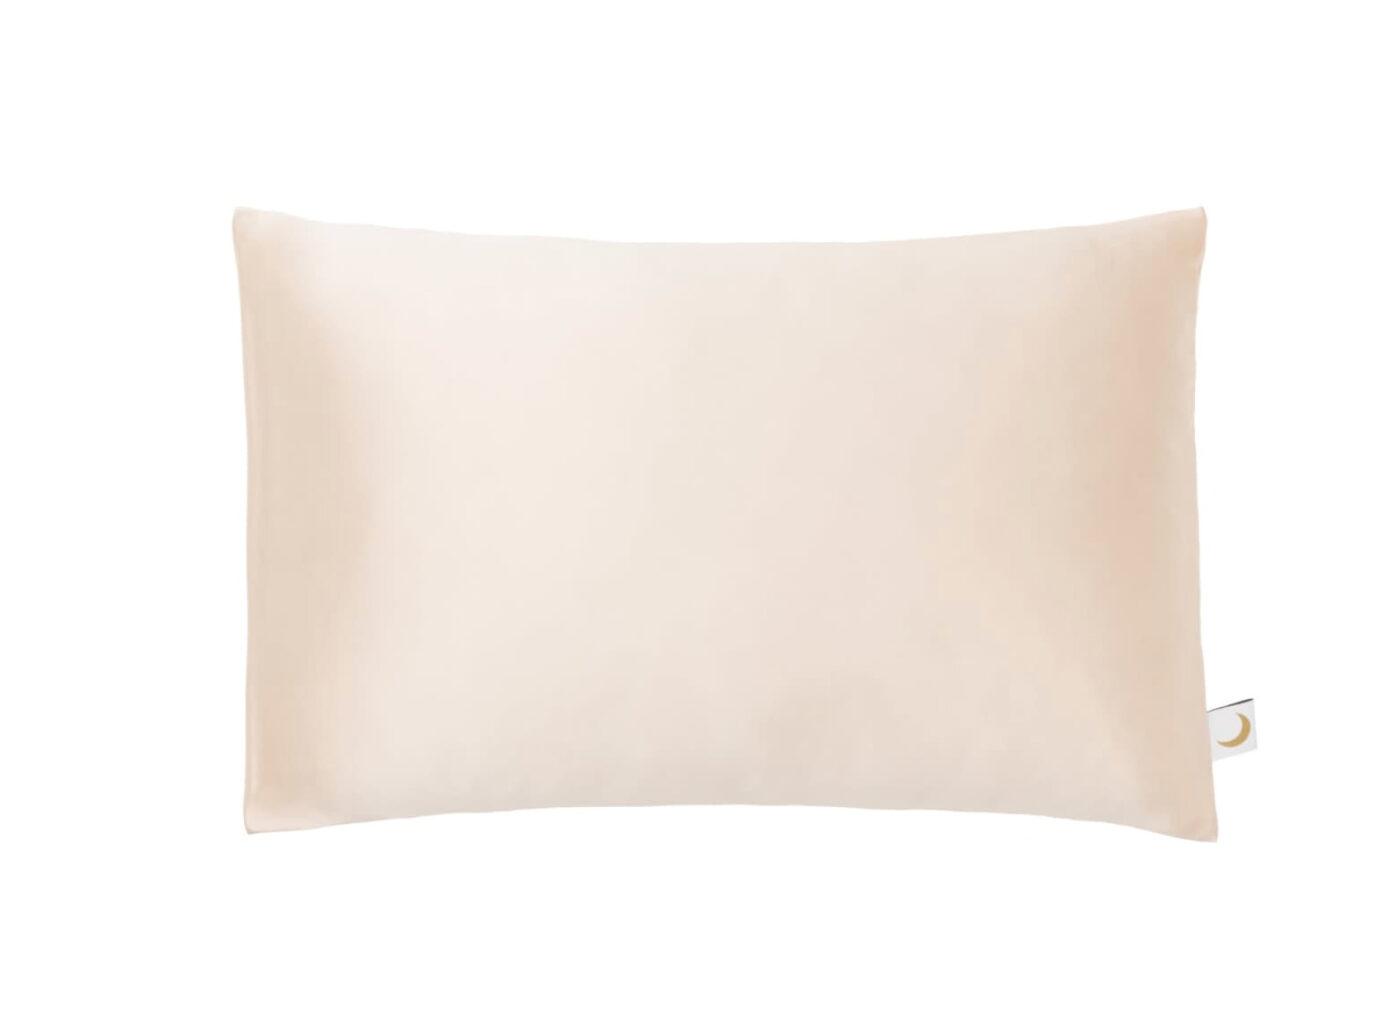 Moonchild Sustainable Peace Silk Pillowcase